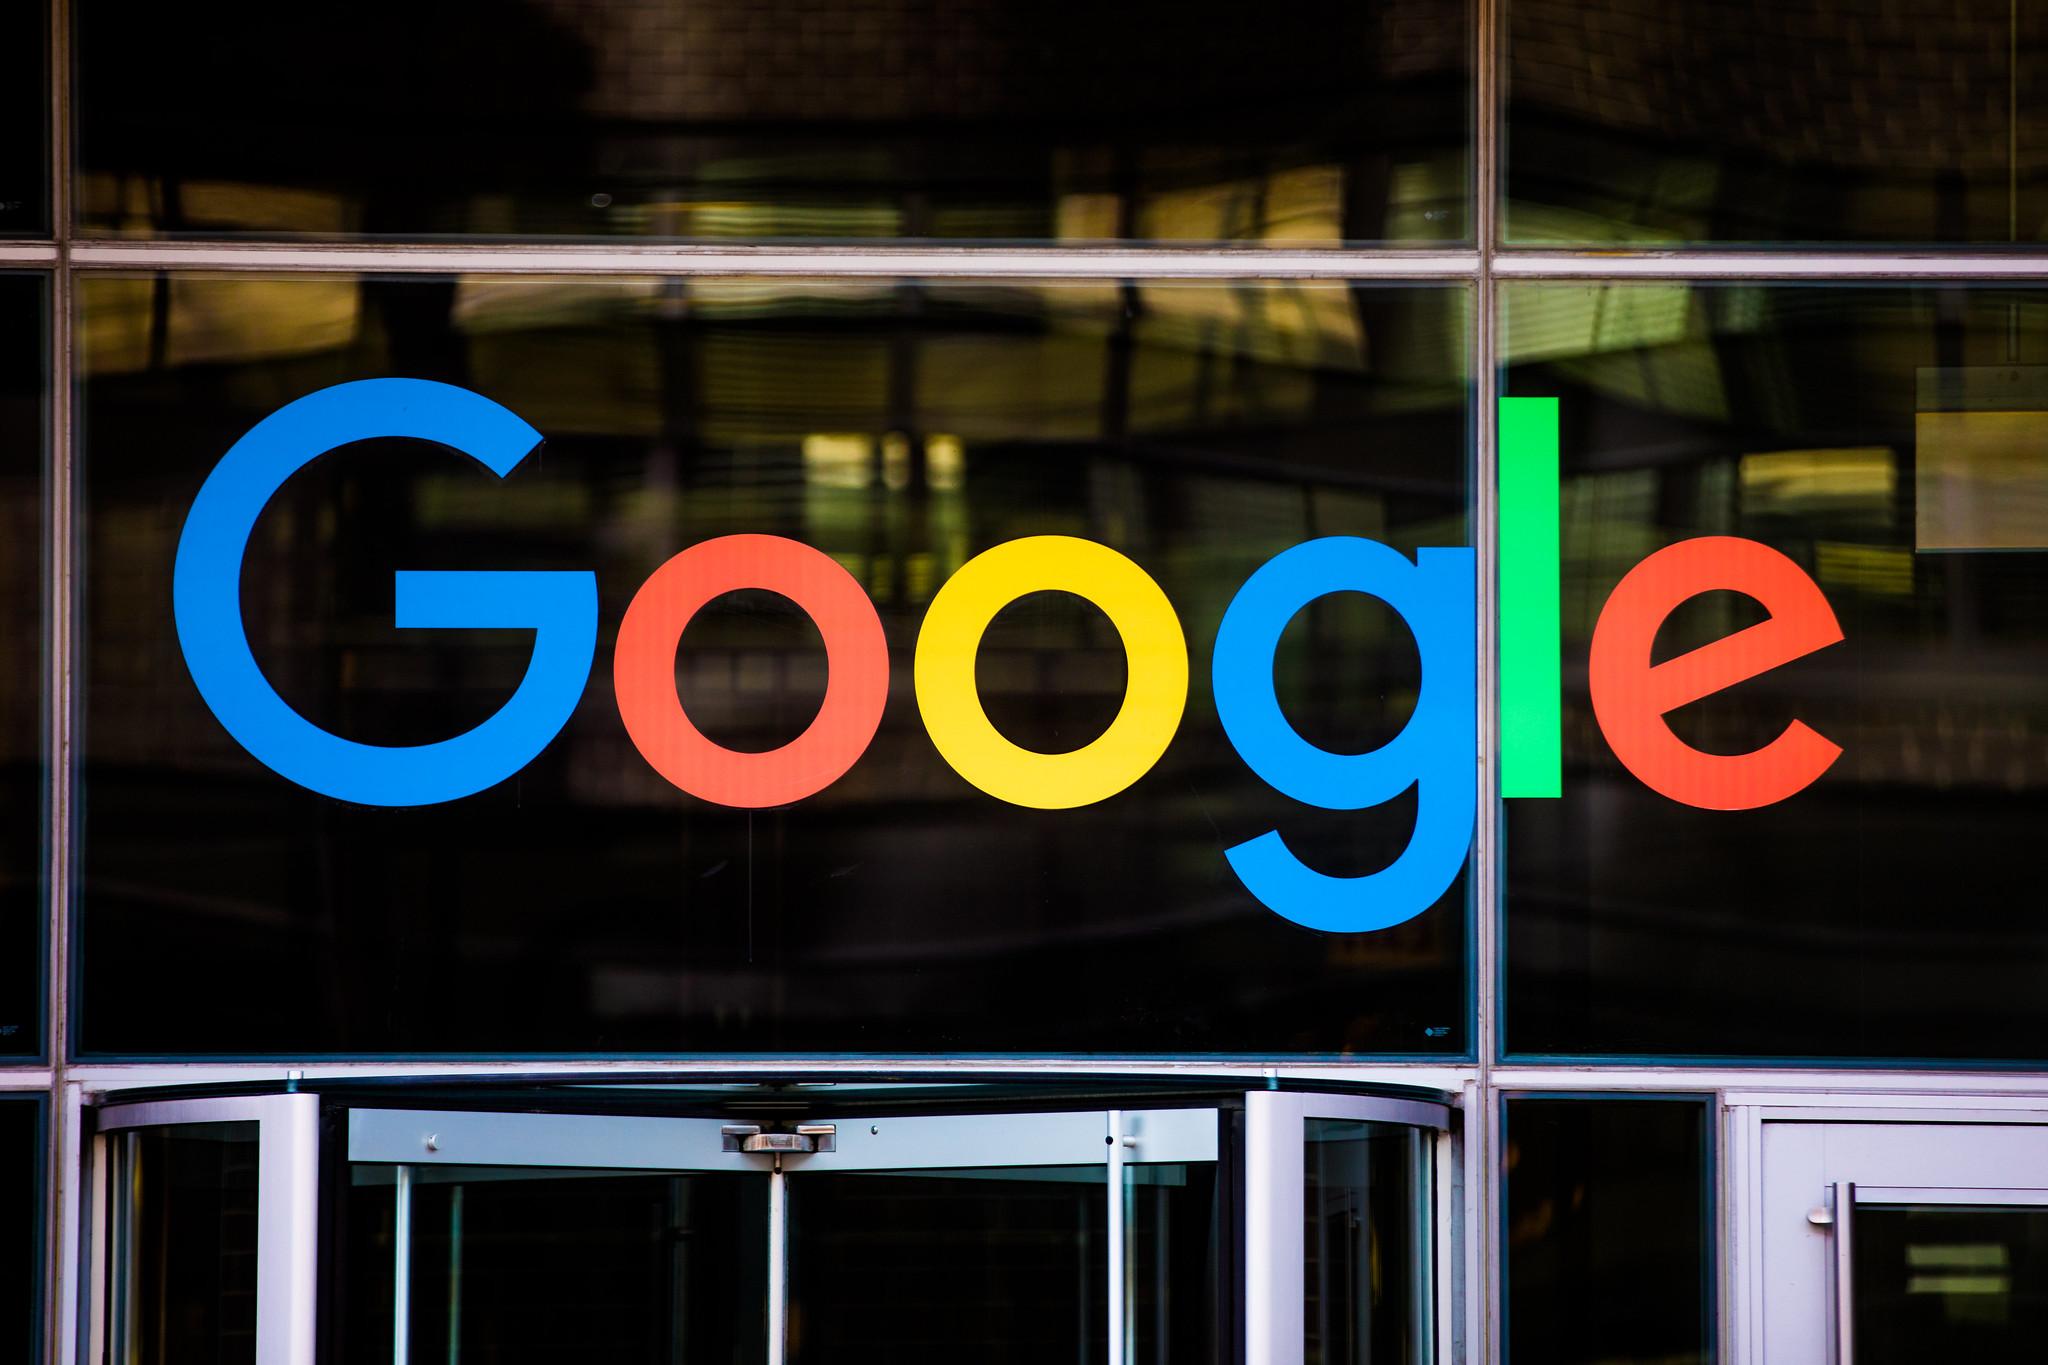 Google-k zerbitzua ixten du zein operadorek estaldura eskasa duen ikusteko.  Ustezko operadoreak